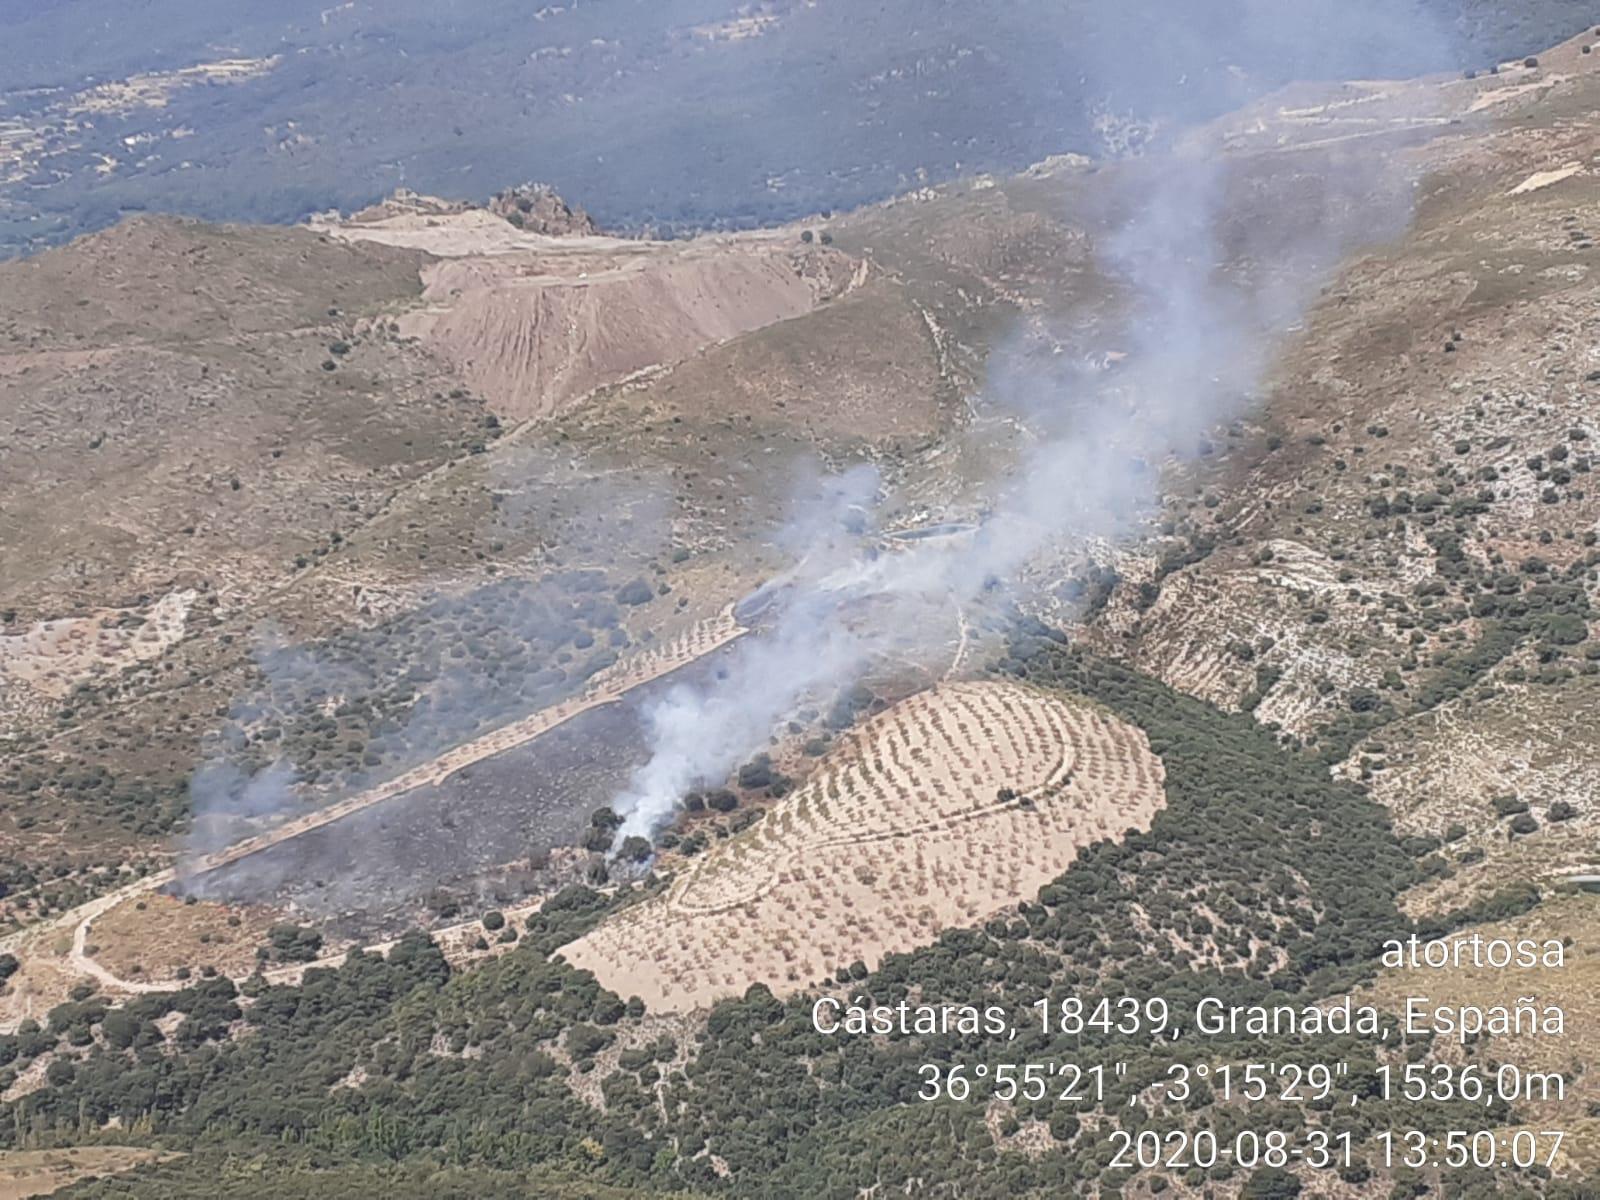 Declarados dos incendios forestales, uno en Motril y otro en Cástaras